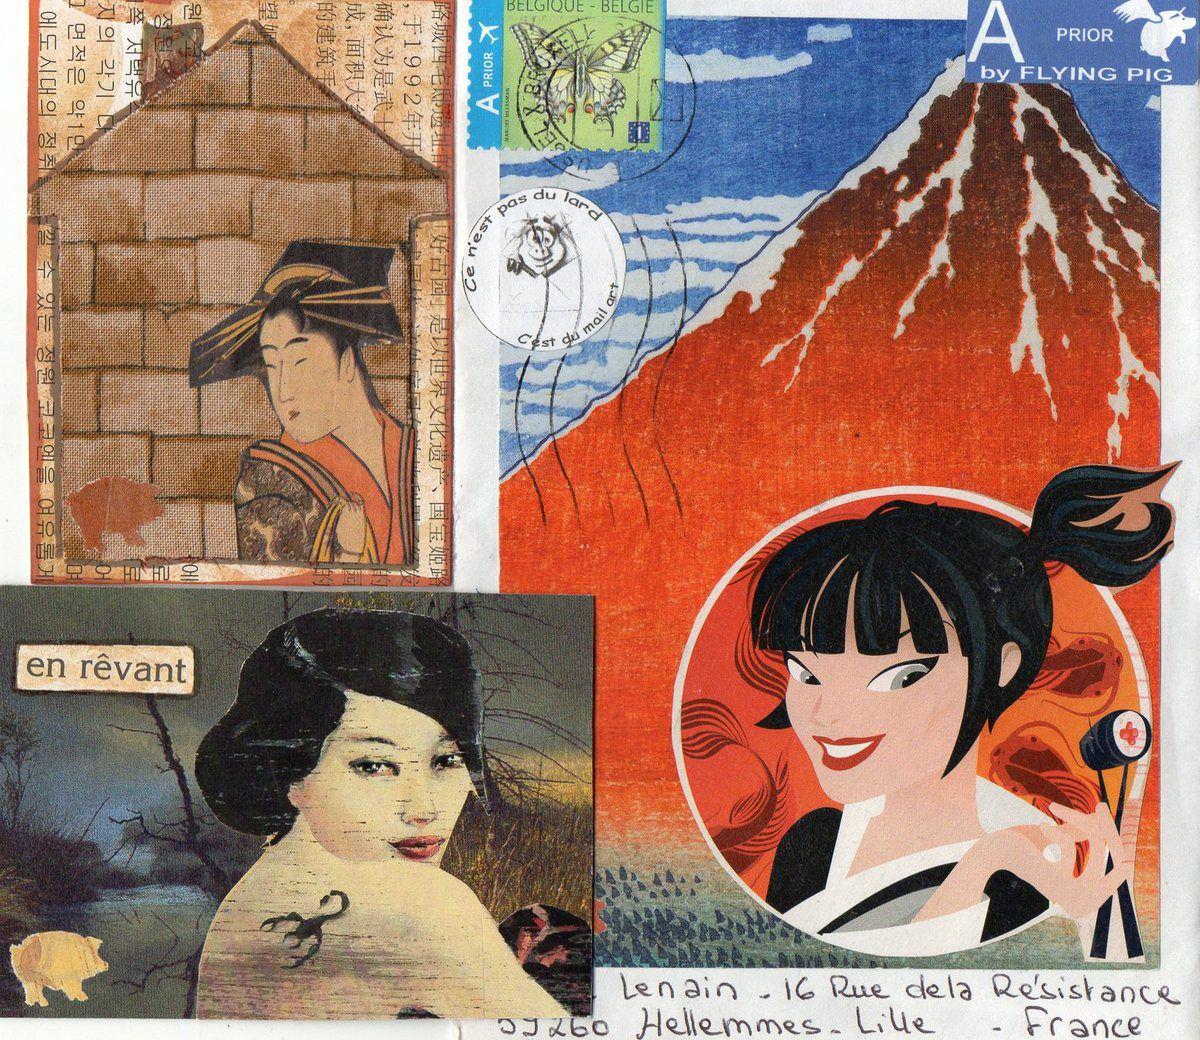 Merci Nicole,geisha et mont fuji font un bel ensemble et les 2 A.T.C sont réussis,bravo.Bisous de Nadine.